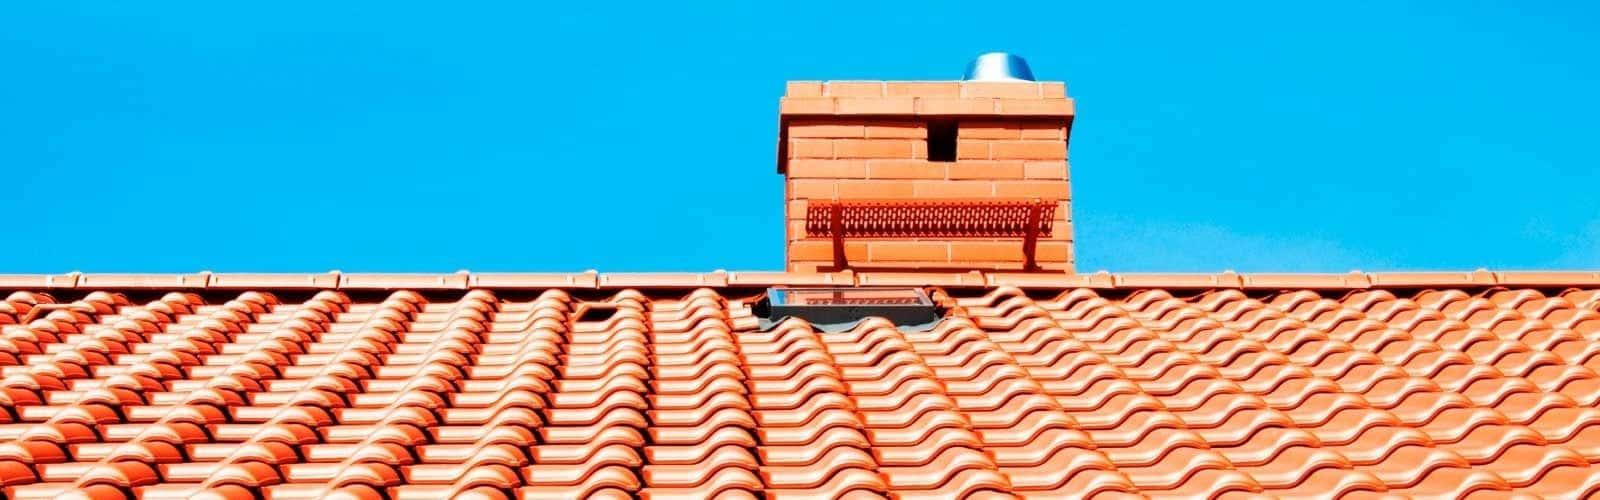 Stogų dengimas stogo dangos 1